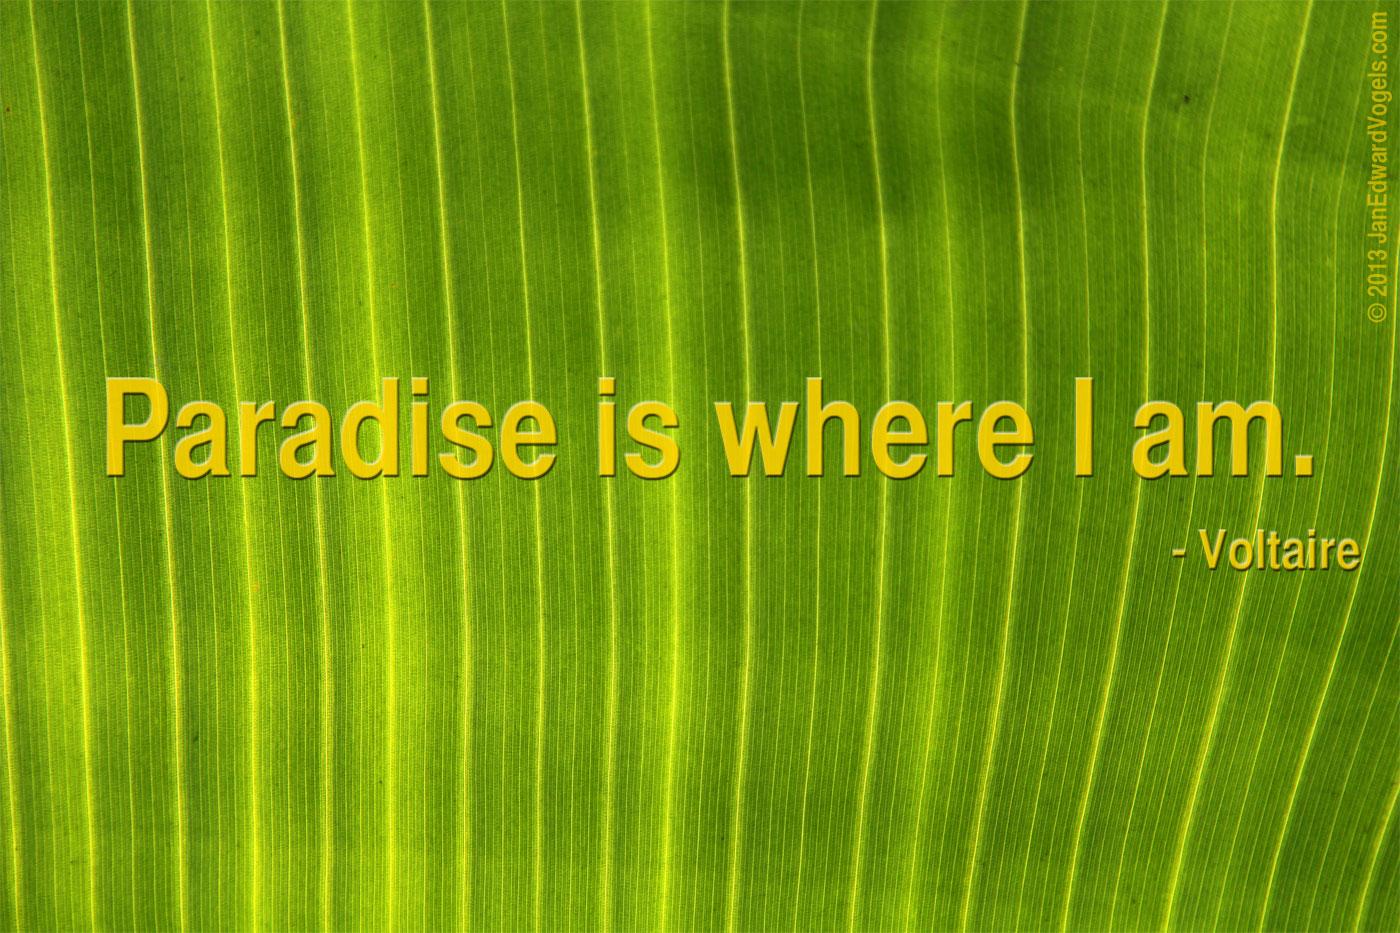 Voltaire, quote, paradise quote